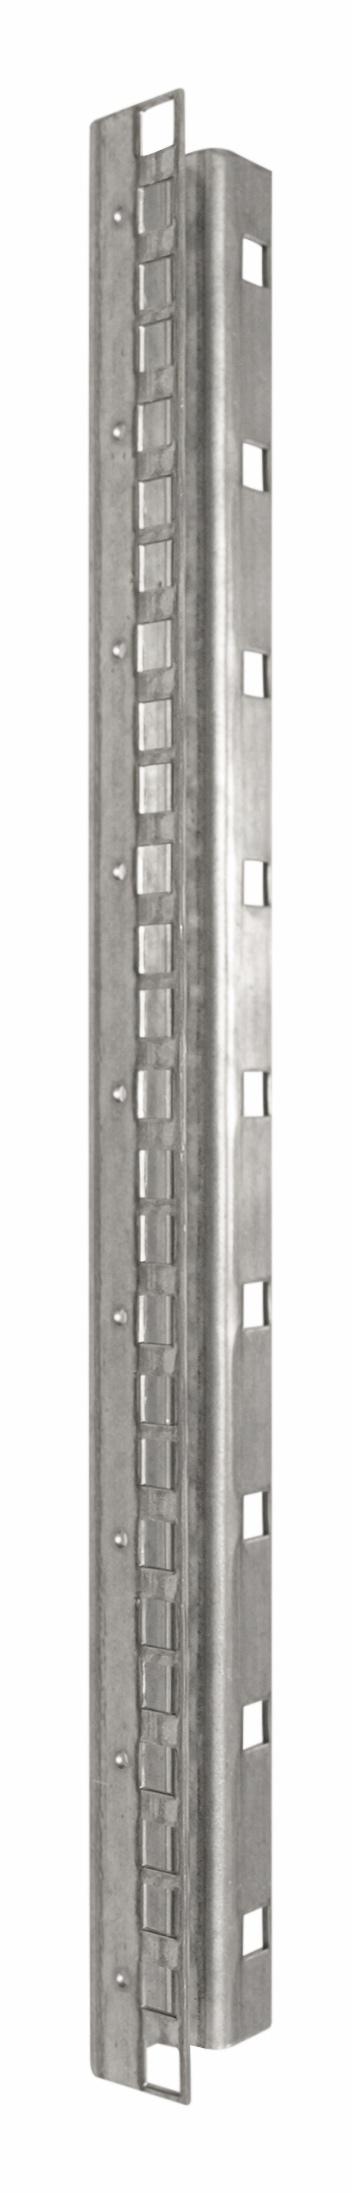 1 Stk 19 Profilschiene 45HE für DS-, DSZ- und DSI-Schränke DSPROF45--